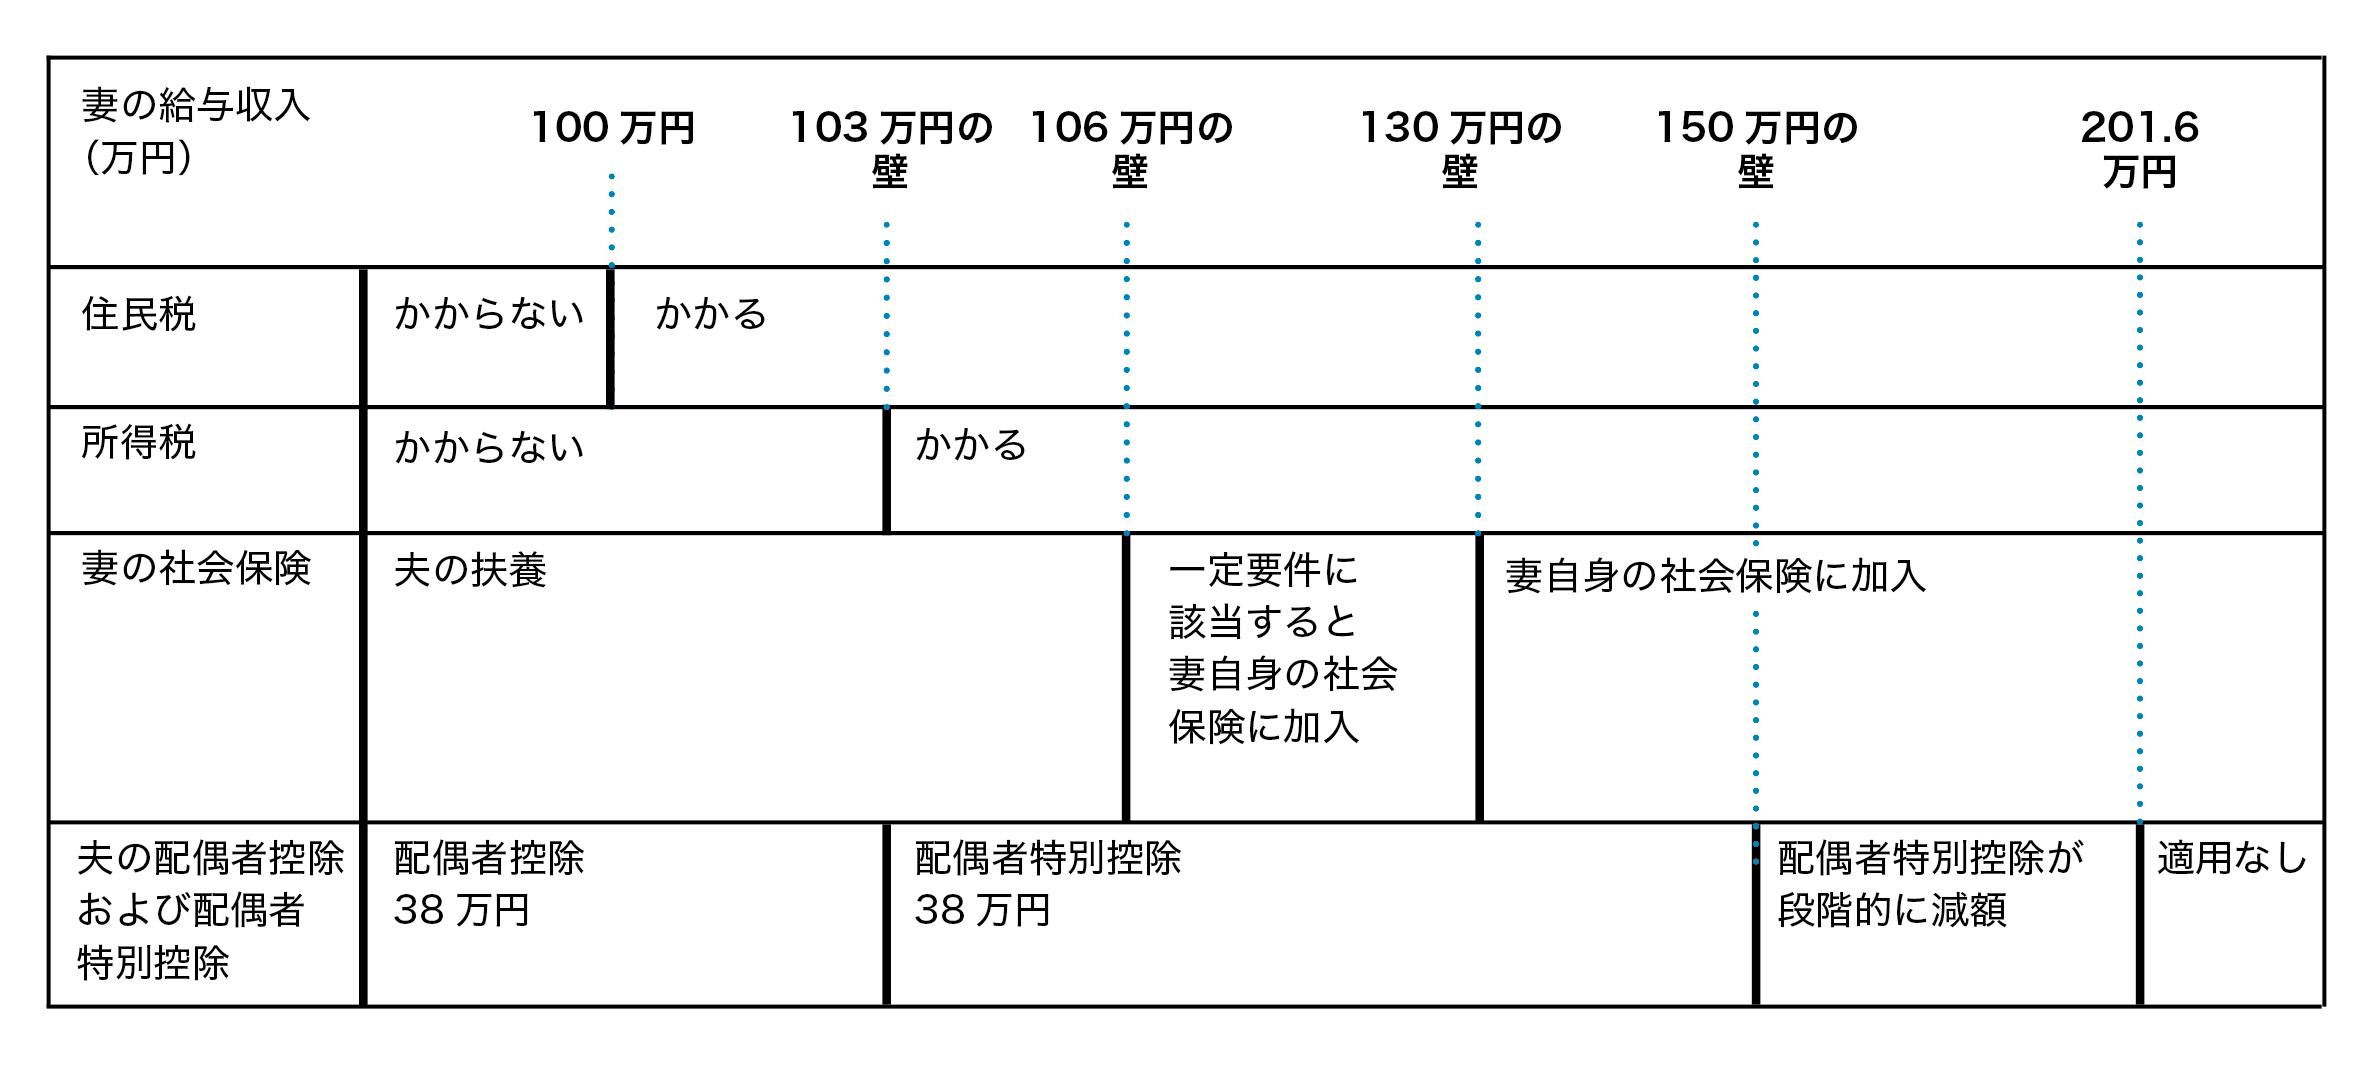 「○○万円の壁」一覧